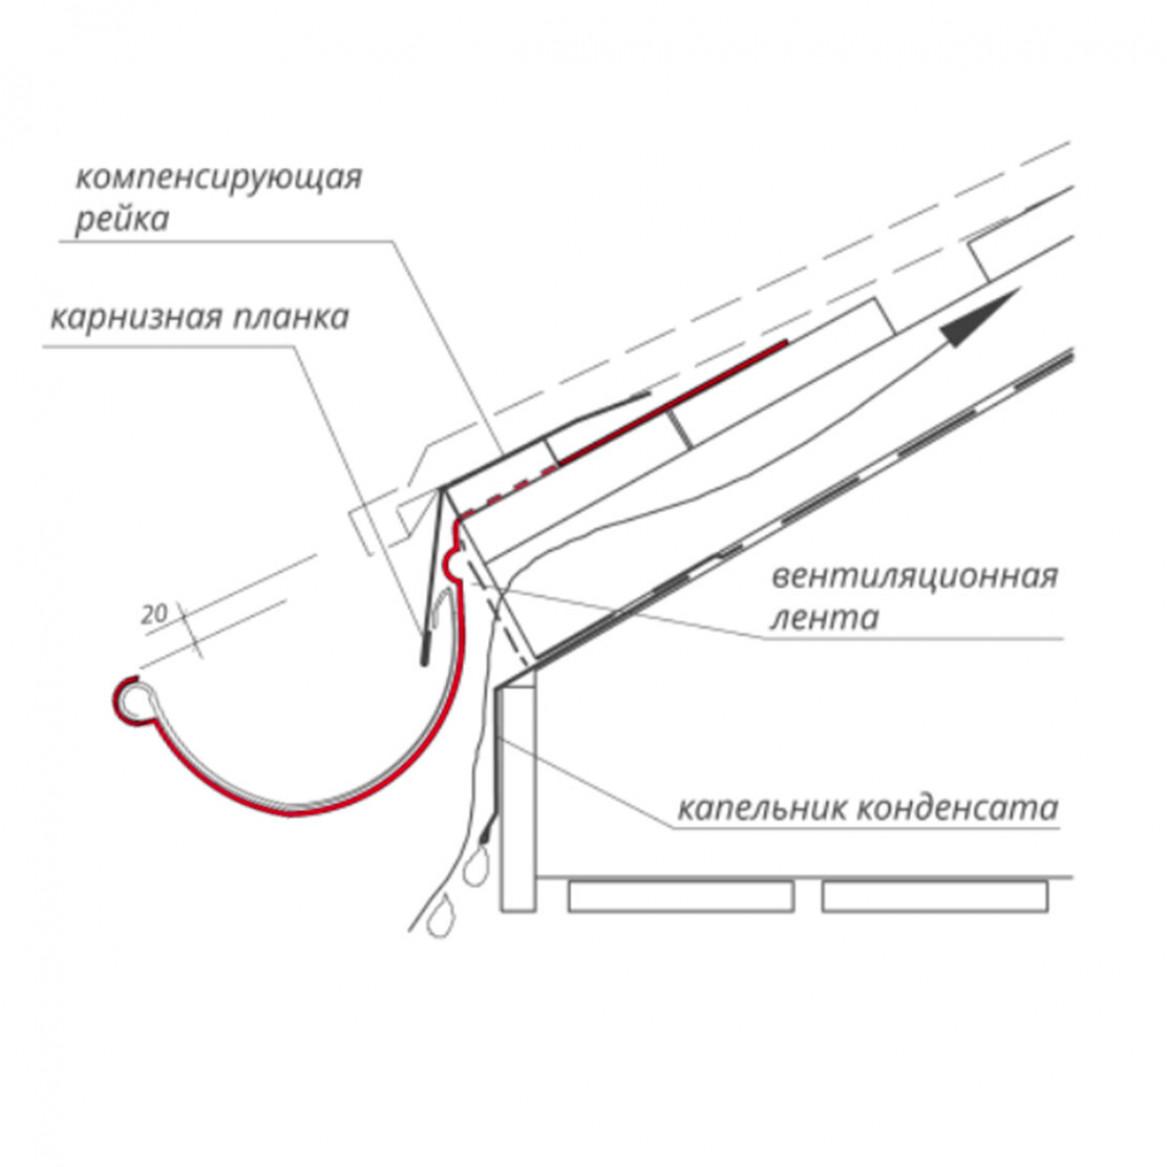 Алгоритм расчета водосточной системы